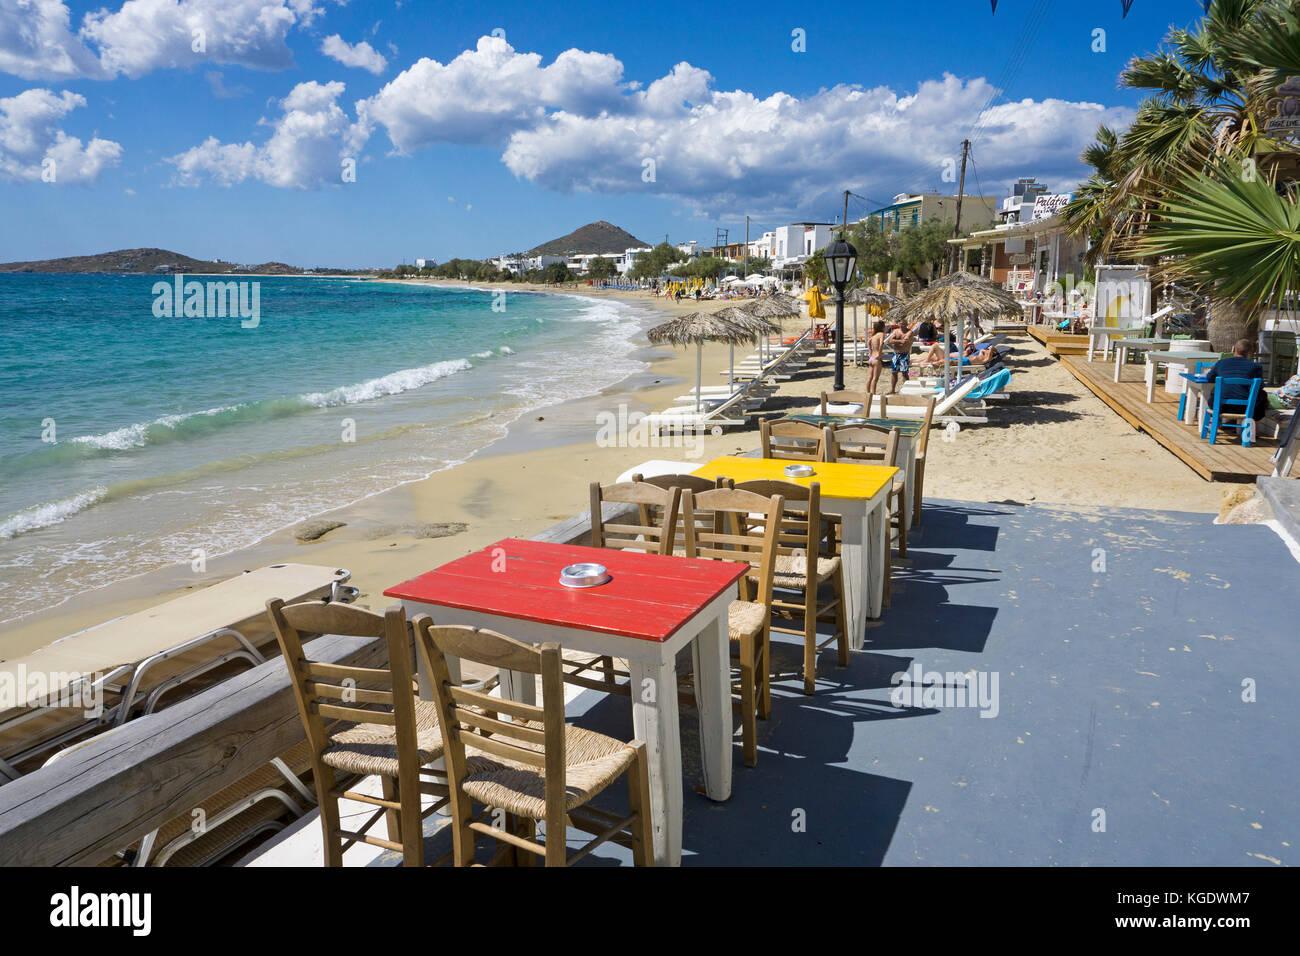 Gastronomie à la plage d'Agia Anna, l'ouest de l'île de Naxos, Cyclades, Mer Égée, Photo Stock